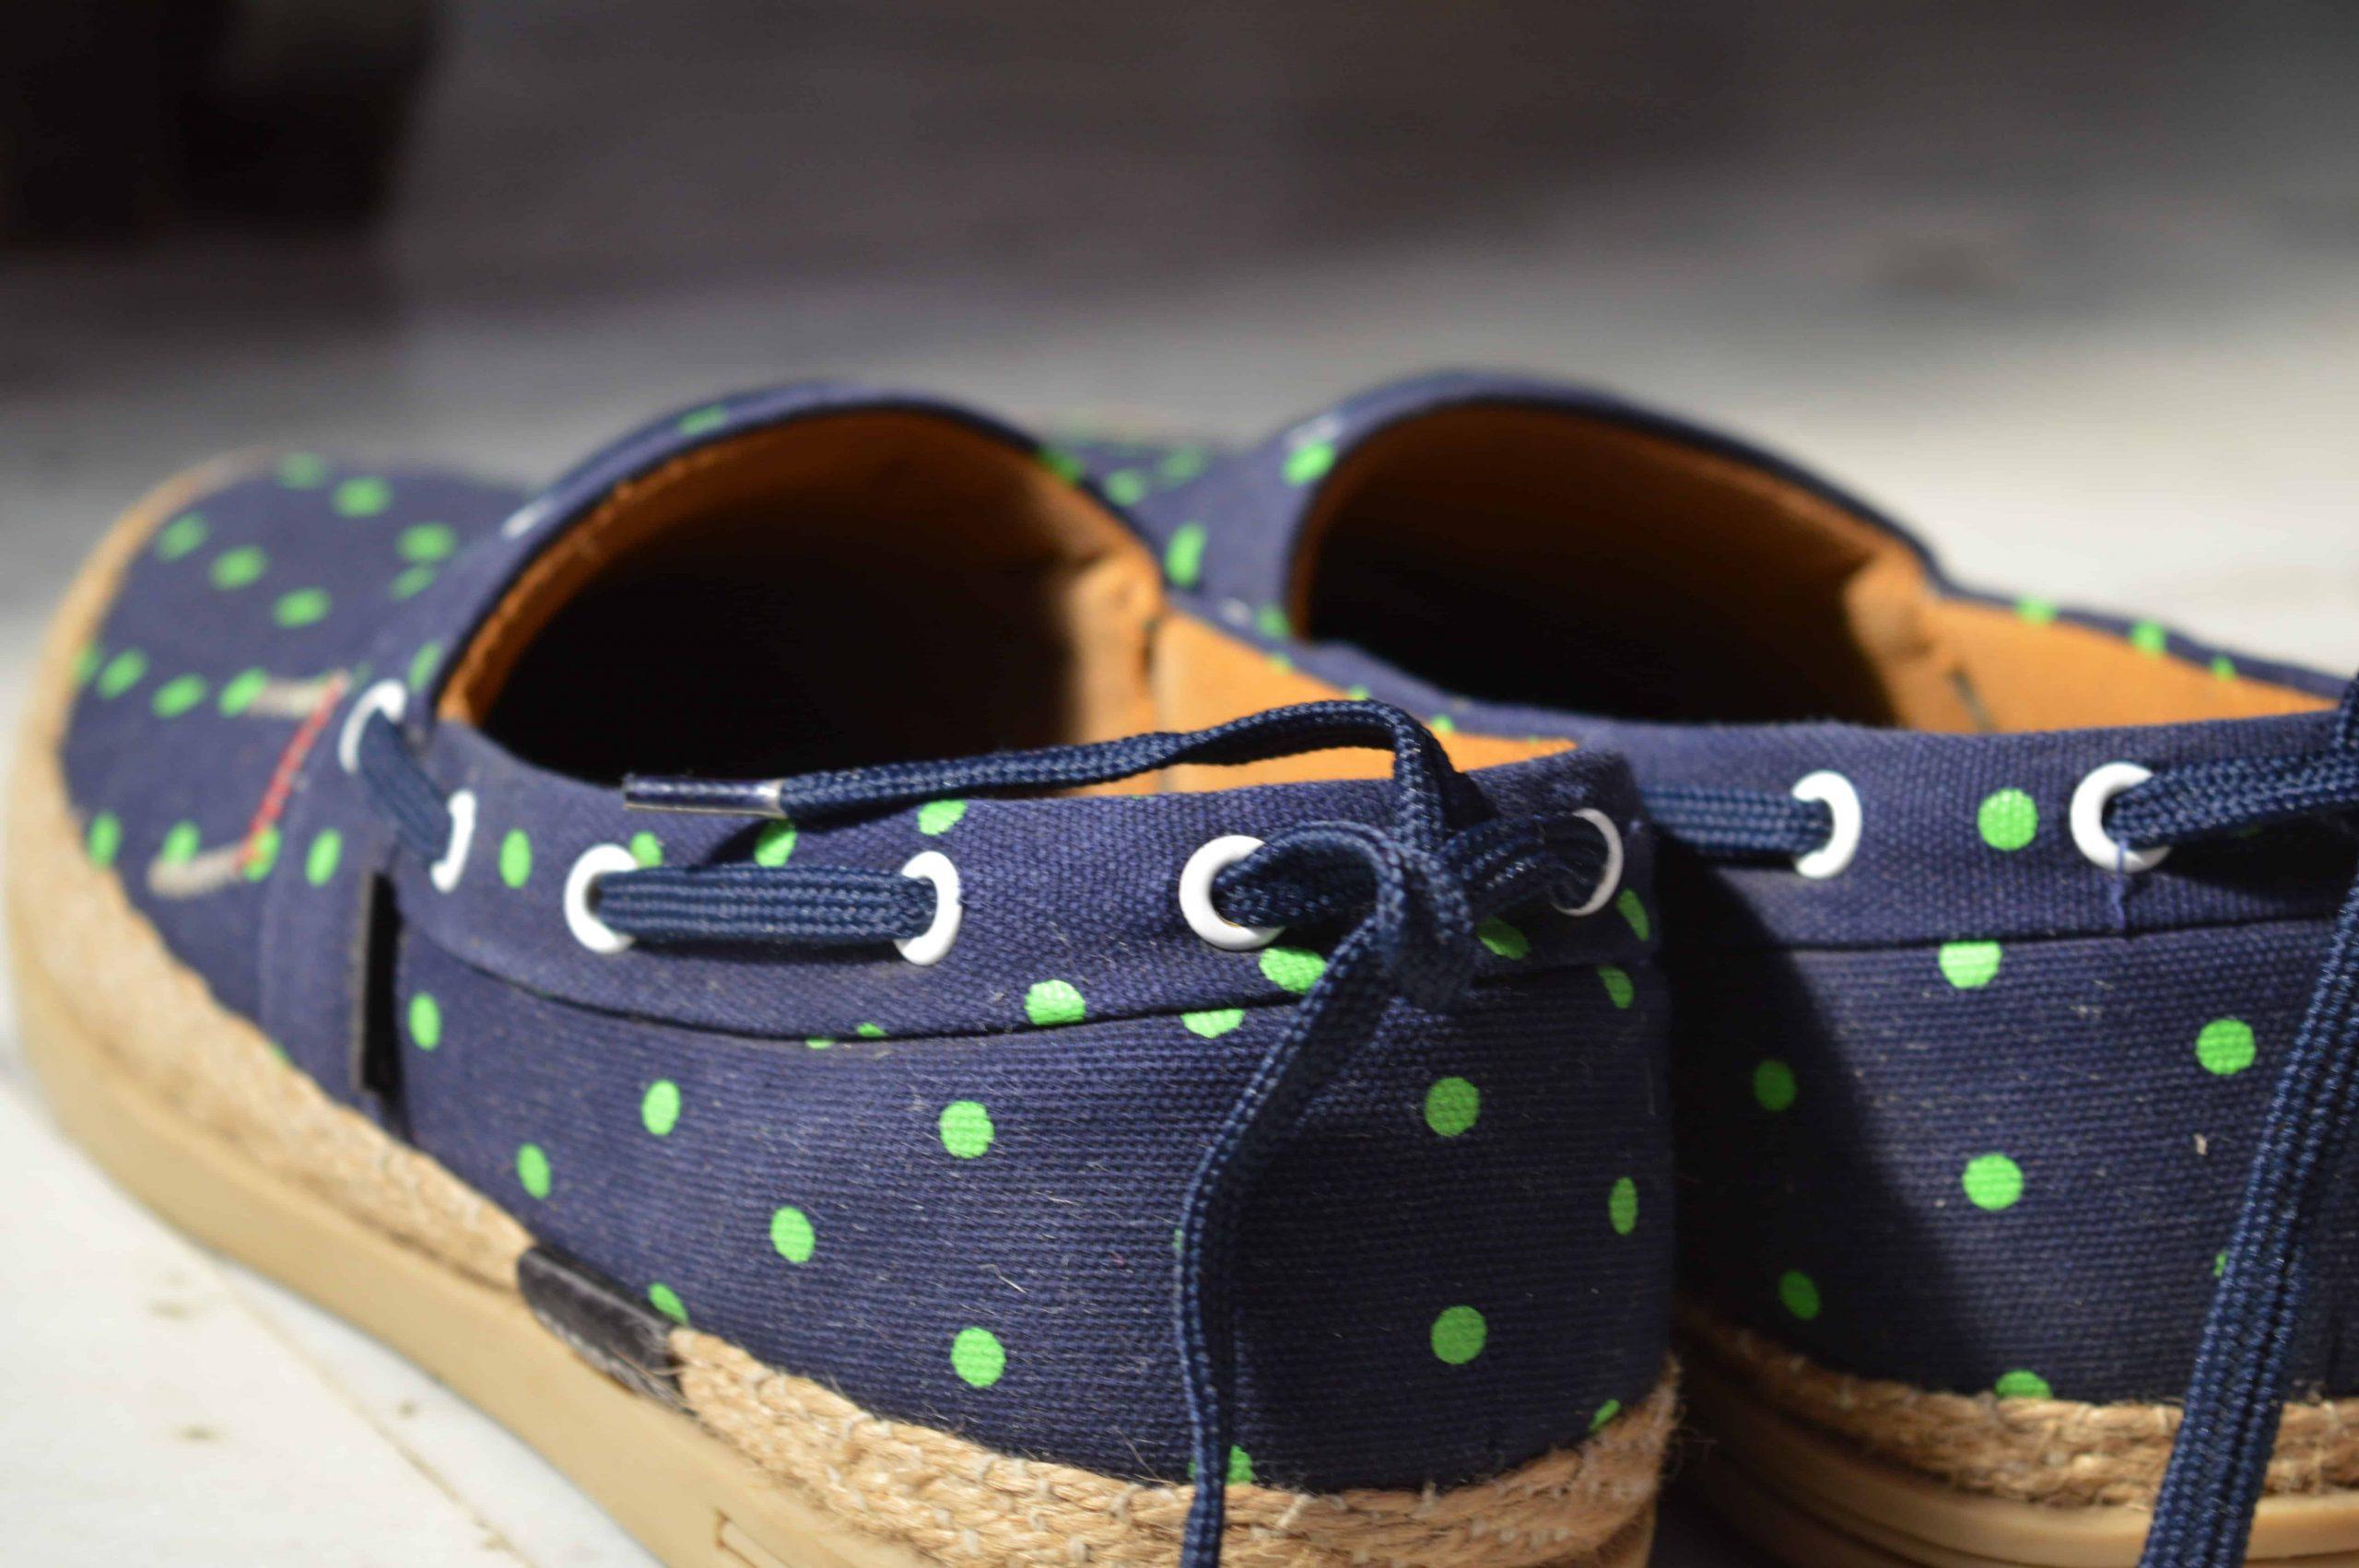 Imagem mostra um par de alpargatas azuis com bolinhas verdes.